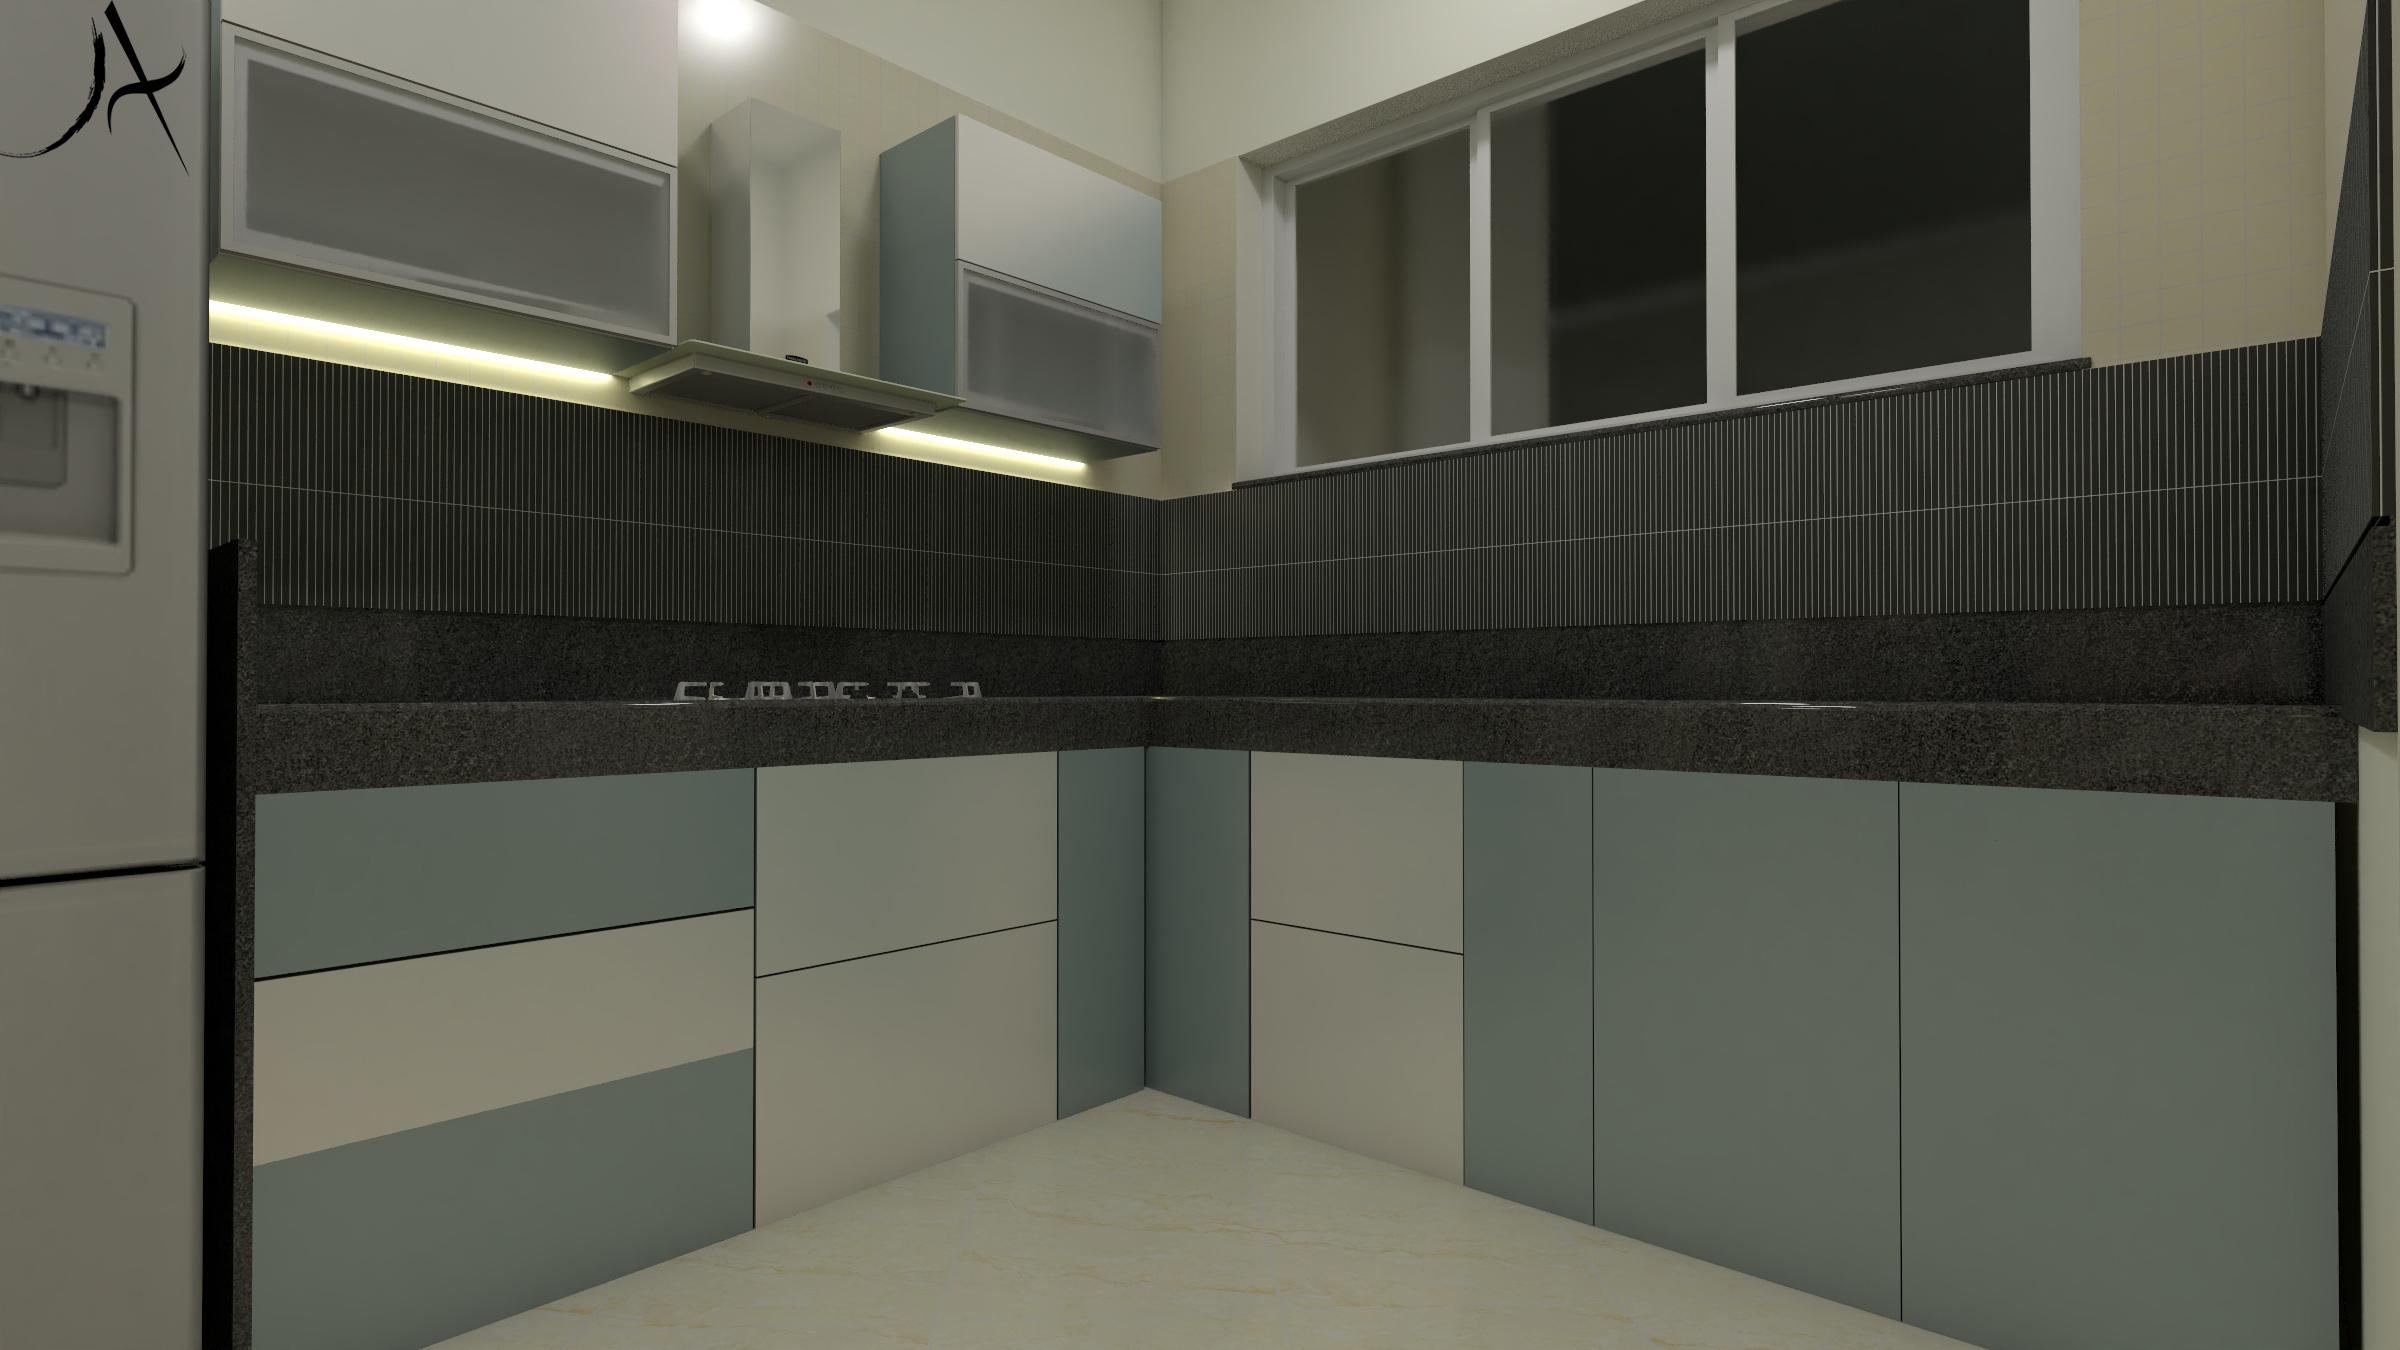 12 Kitchen View 2